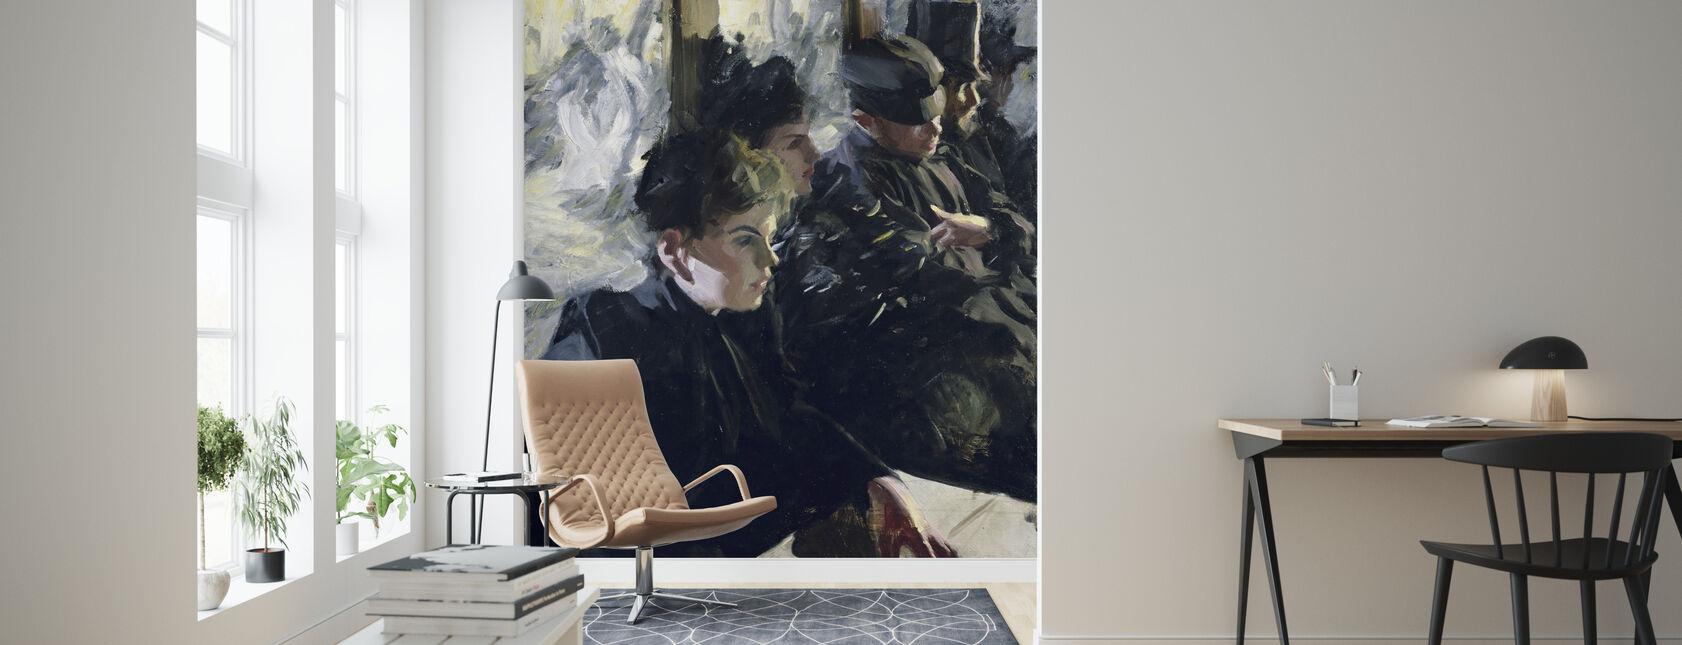 Omnibus, Anders Zorn - Wallpaper - Living Room